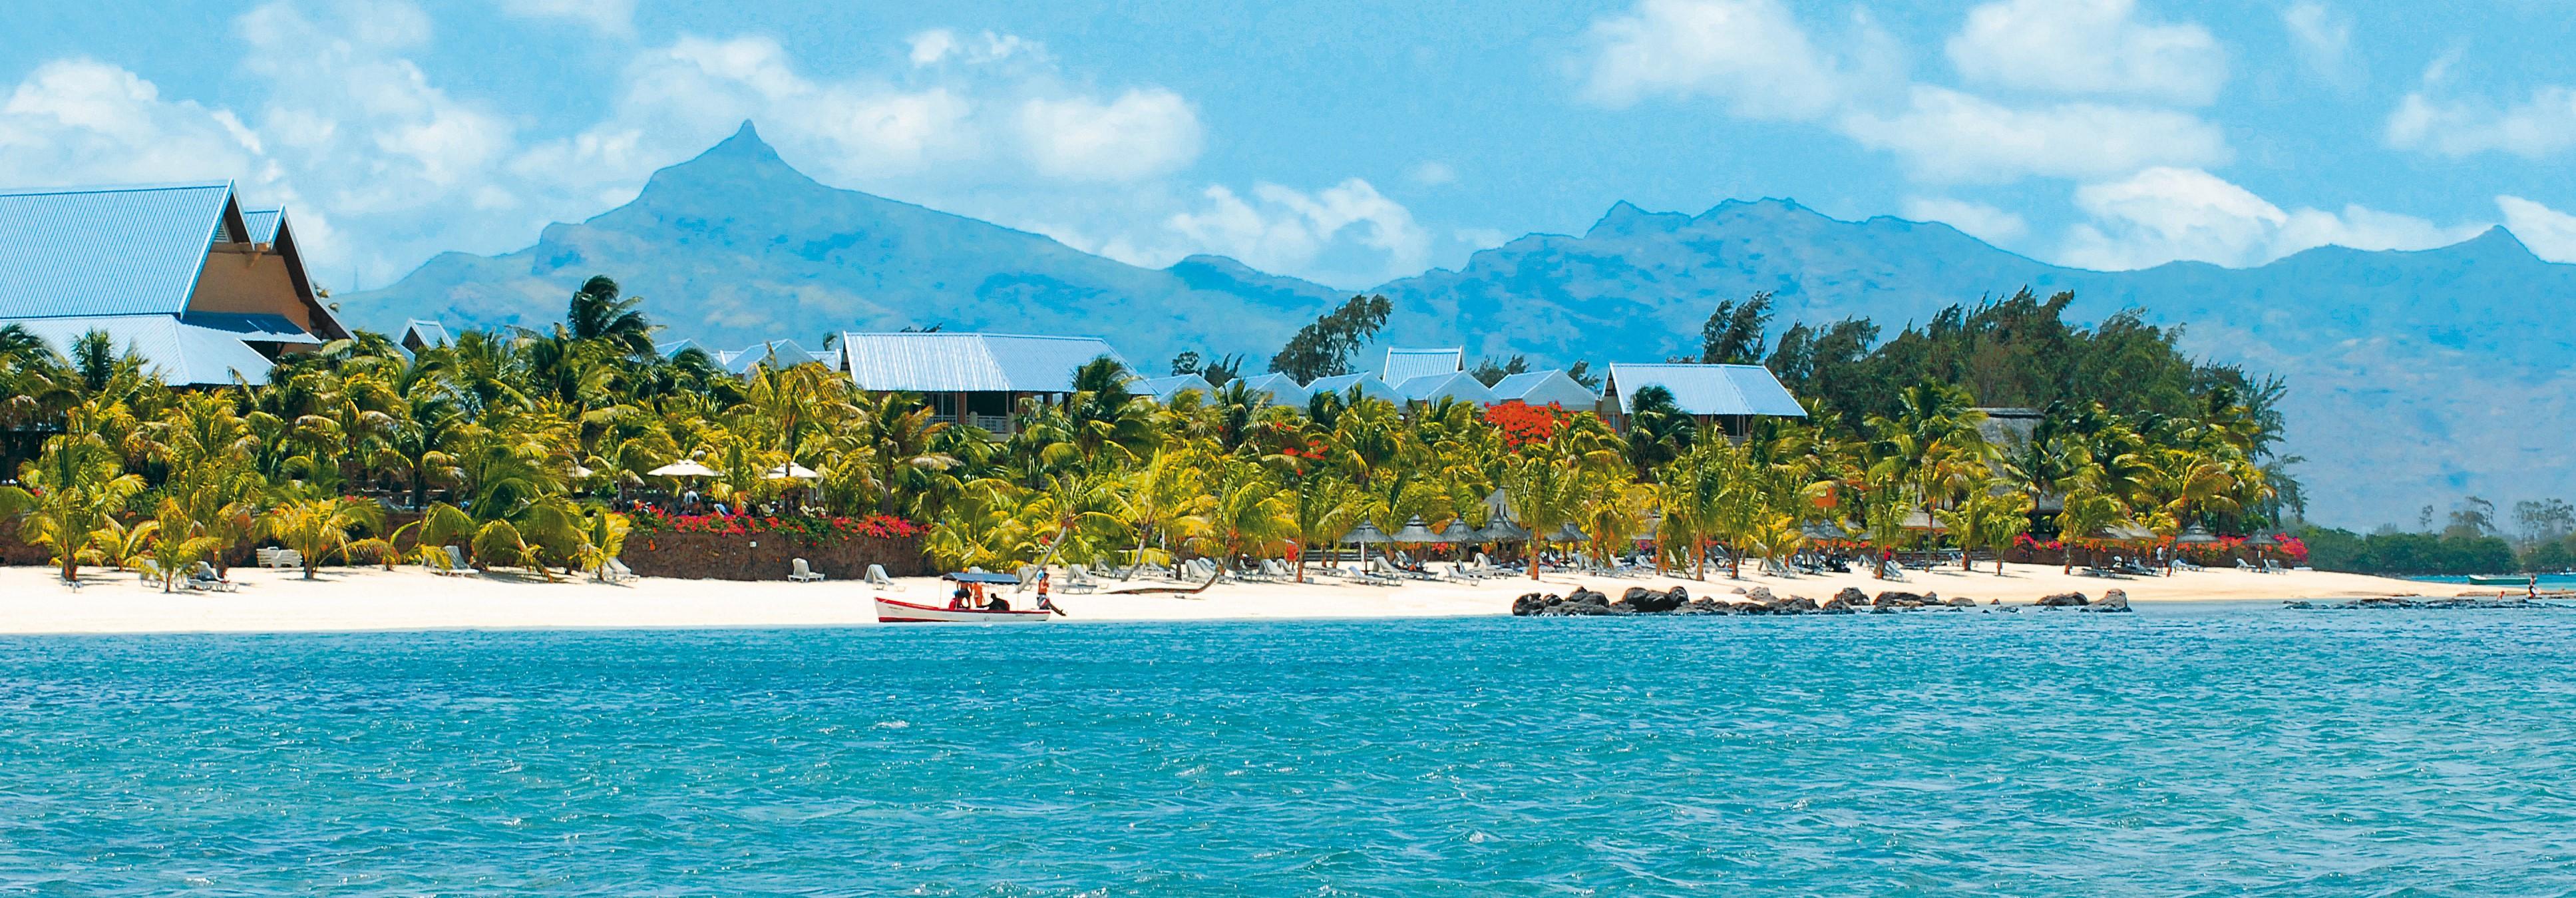 luxury-family-beach-resort-mauritius